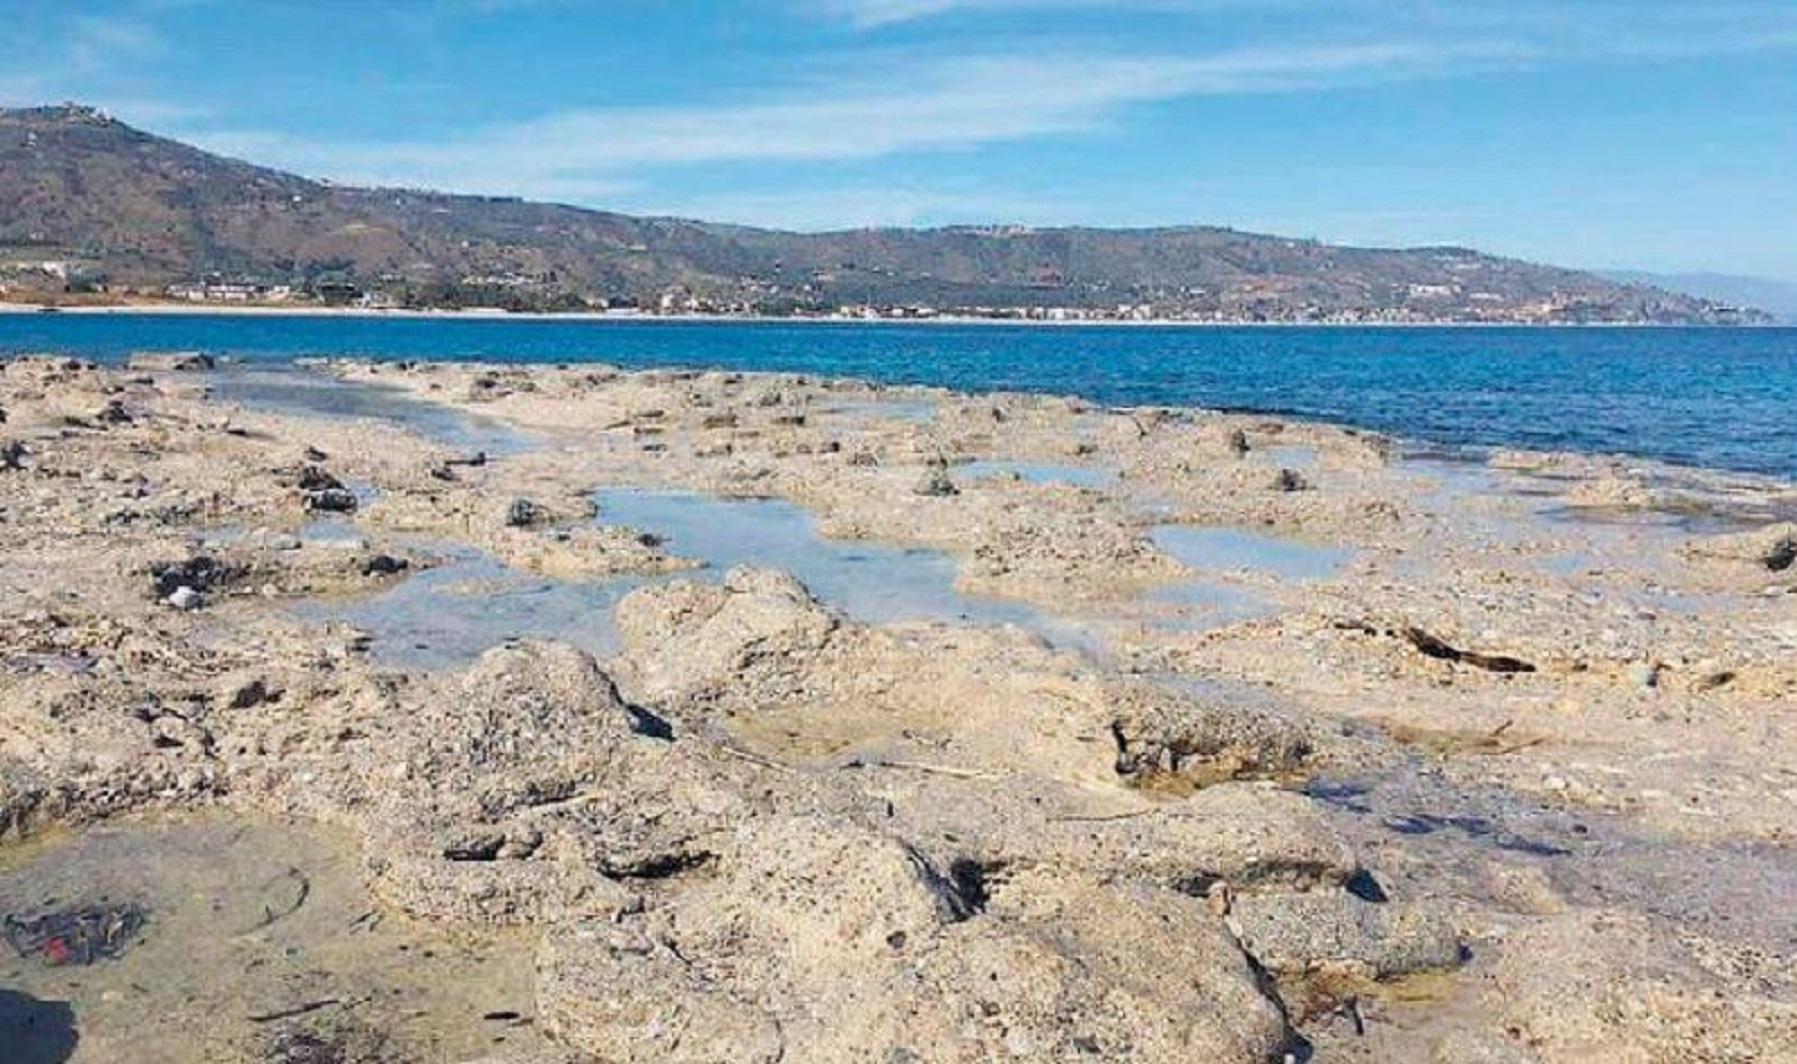 Itinerari culturali e wellness: così il turismo può decollare a Soverato -  Gazzetta del Sud